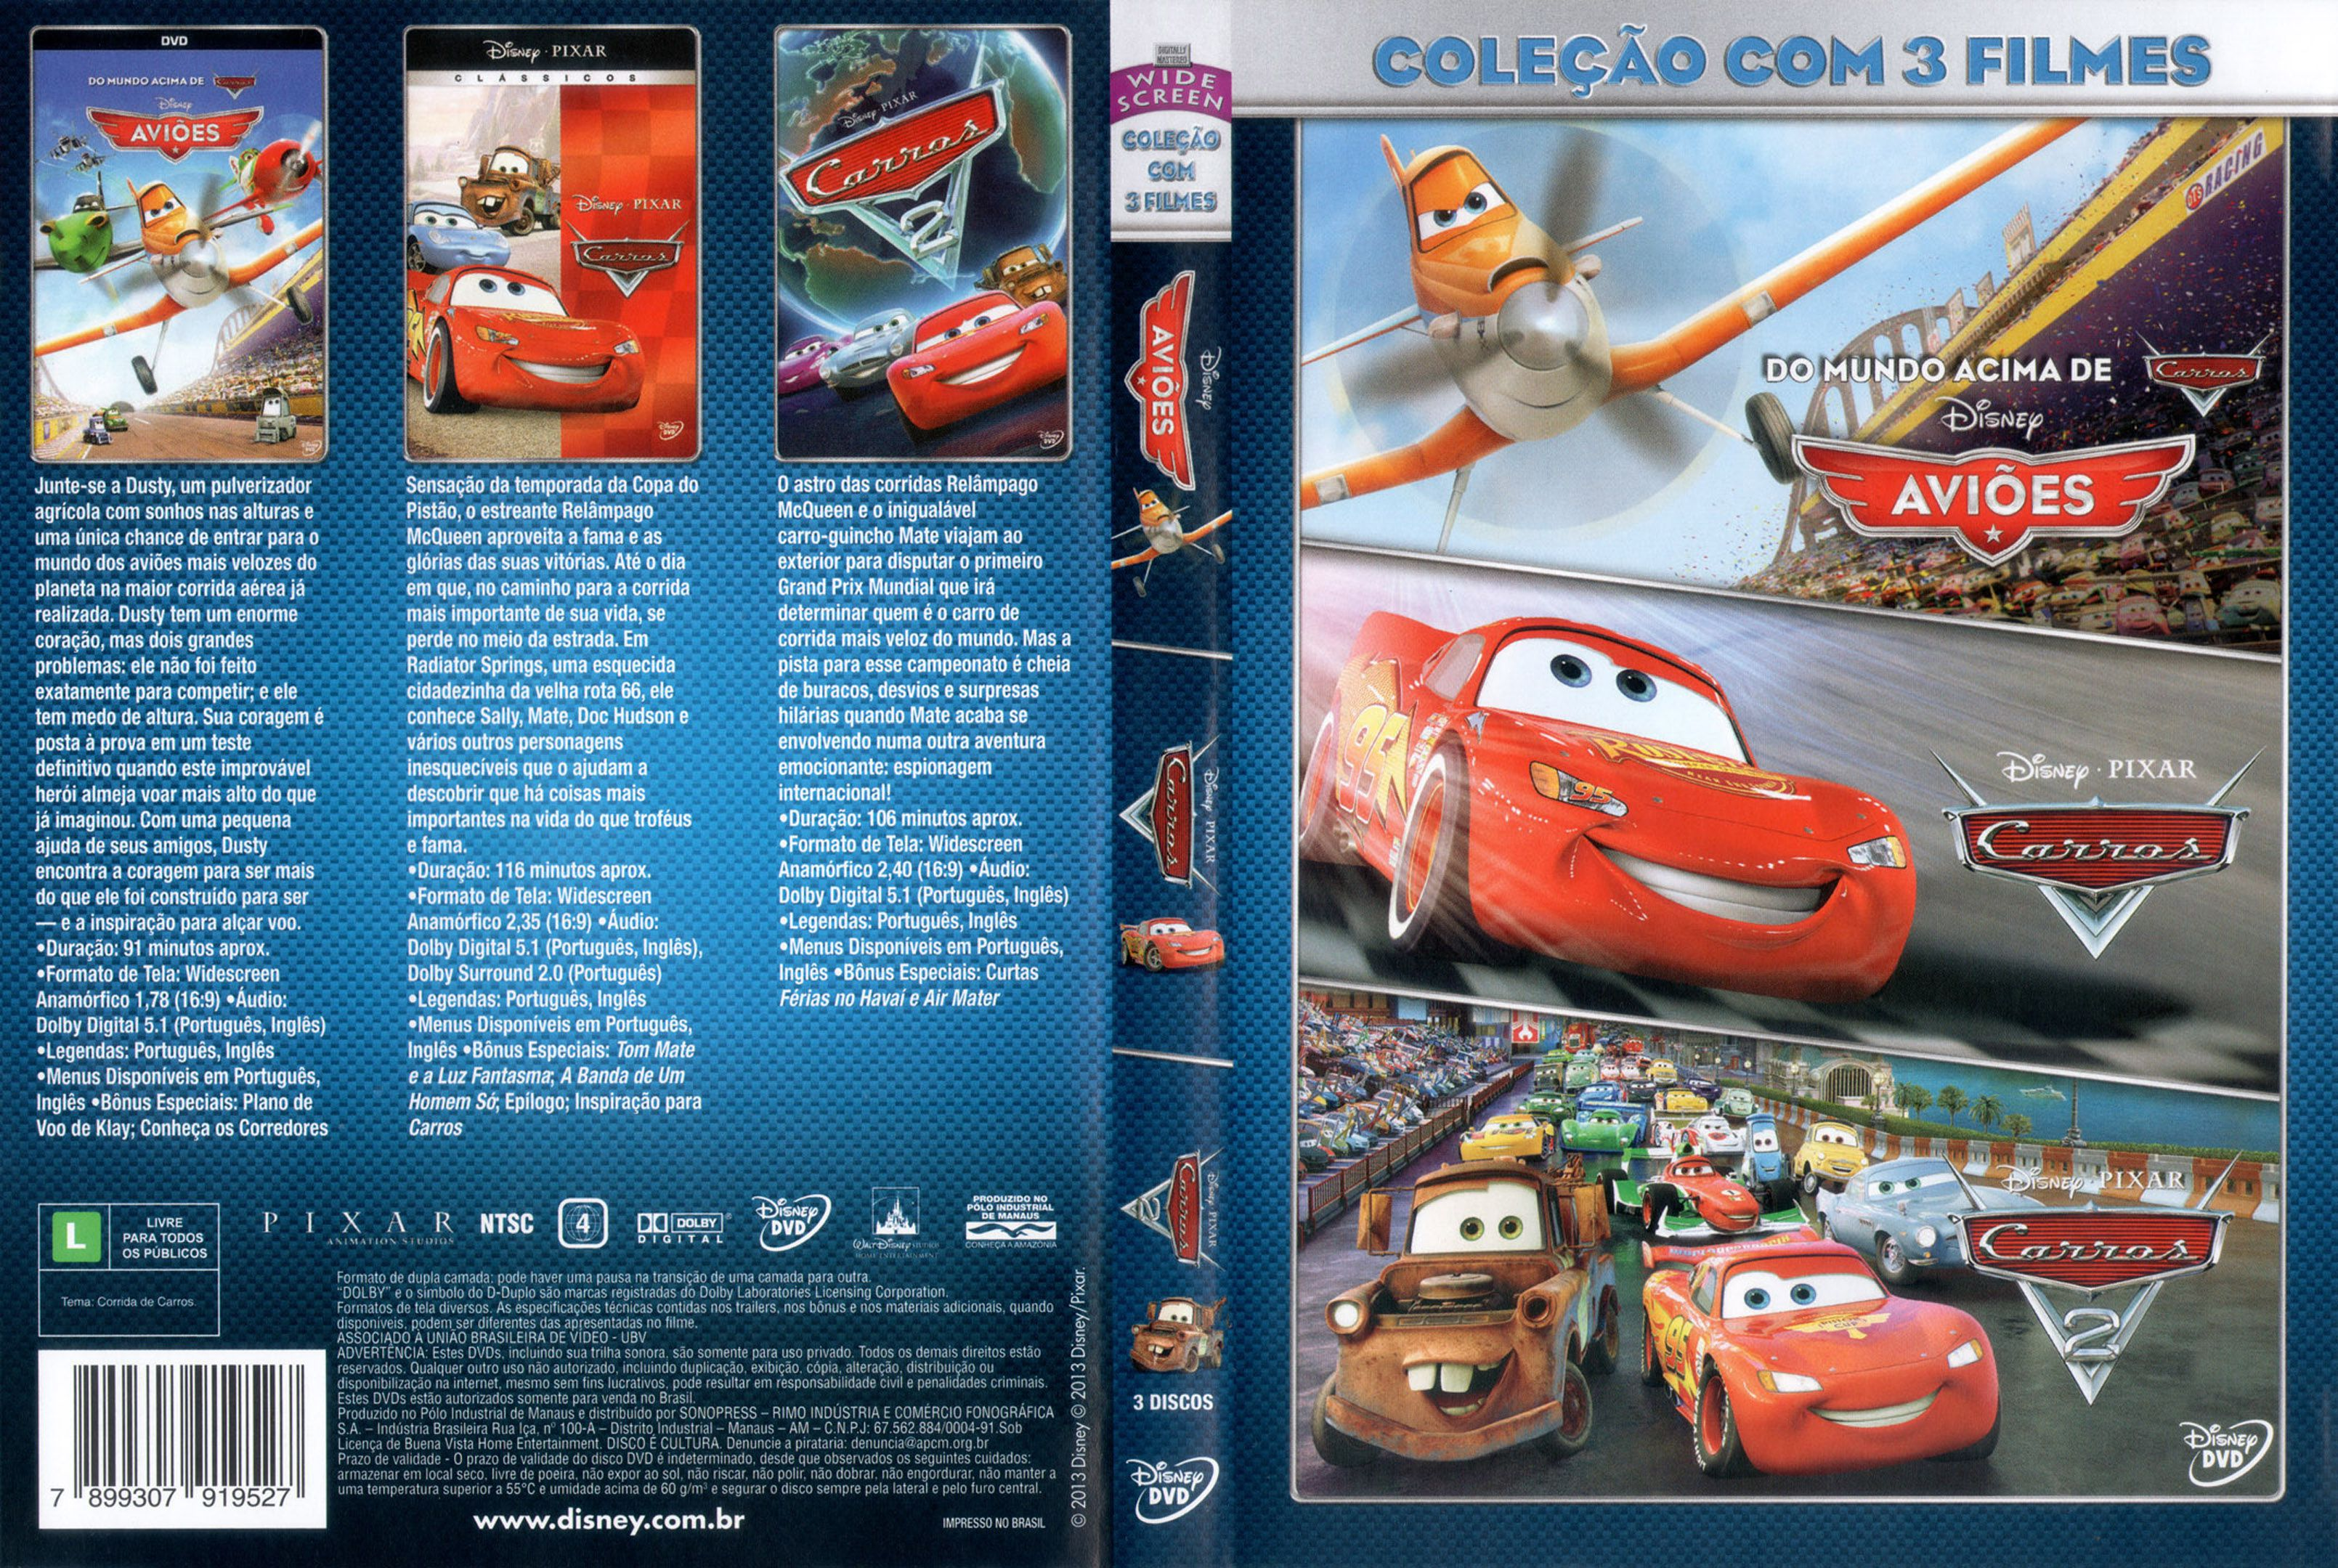 Capa Dvd Colecao Com 3 Filmes Avioes Carros E Carros 2 Dvd Cover